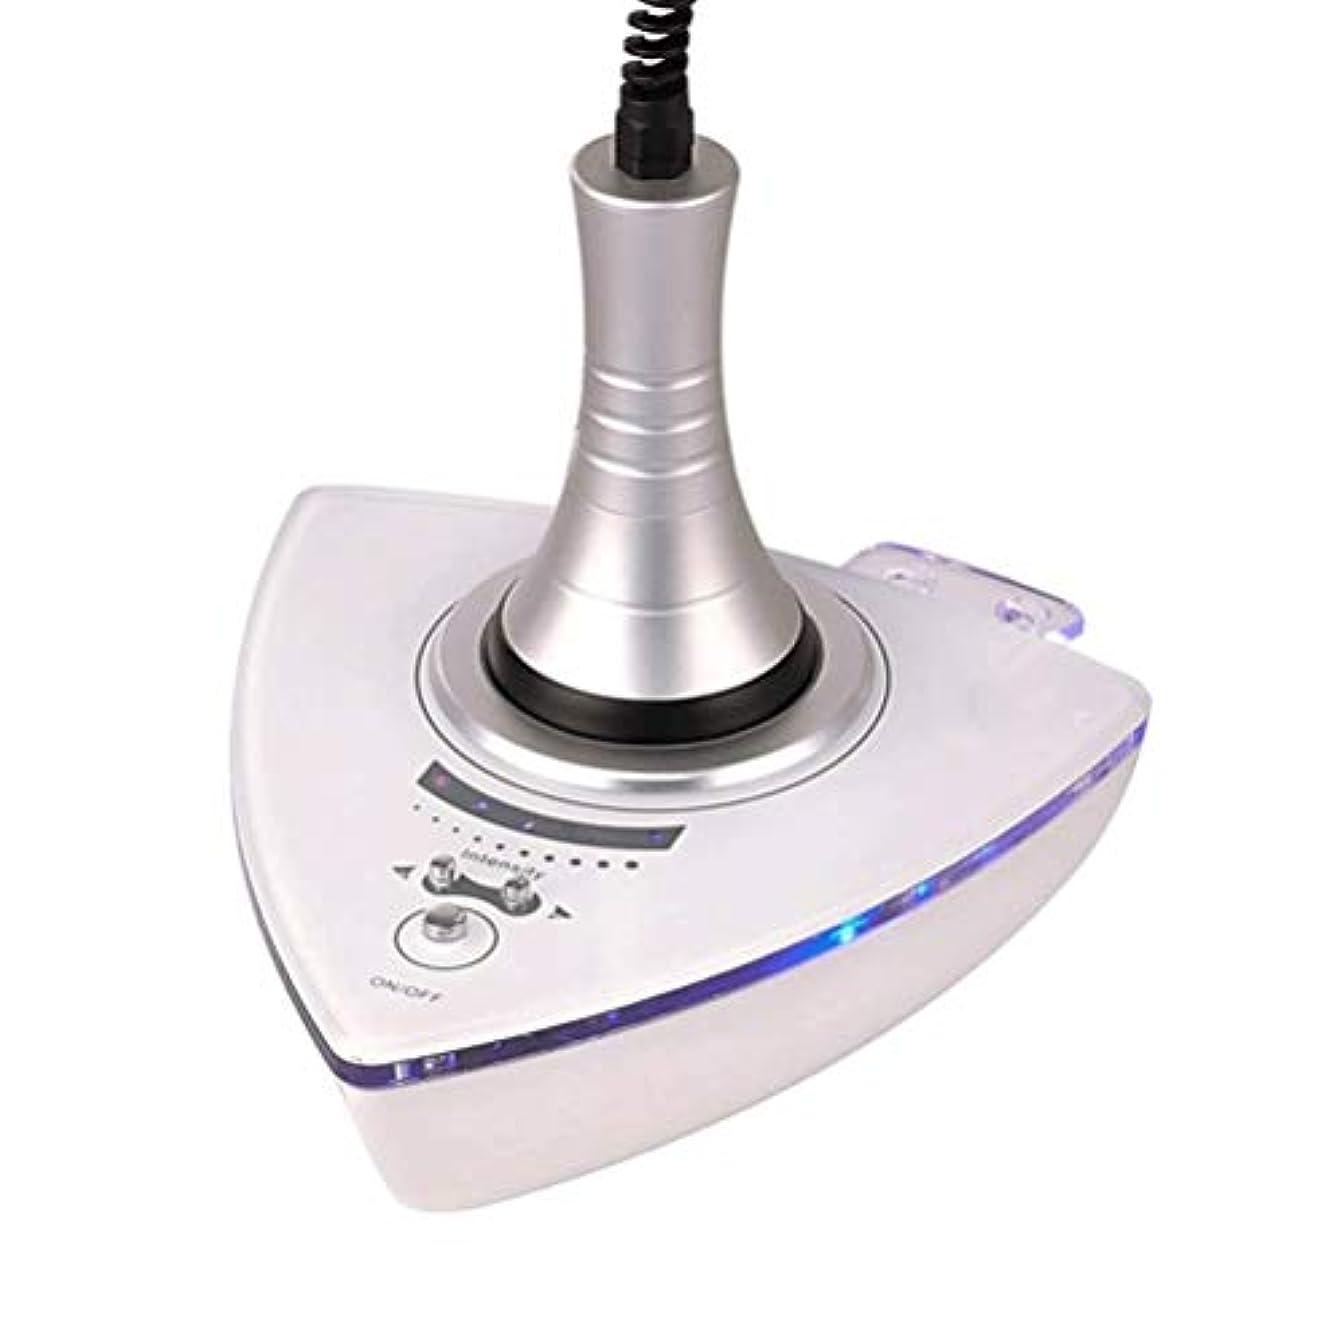 鳴らすバリーペナルティ40KキャビテーションRF美容機器、ボディシェイパー脂肪は、スリム事務所スキントーンフィットネスデイスパ機械損失重量しわの取り外し-Agingアンチを締め